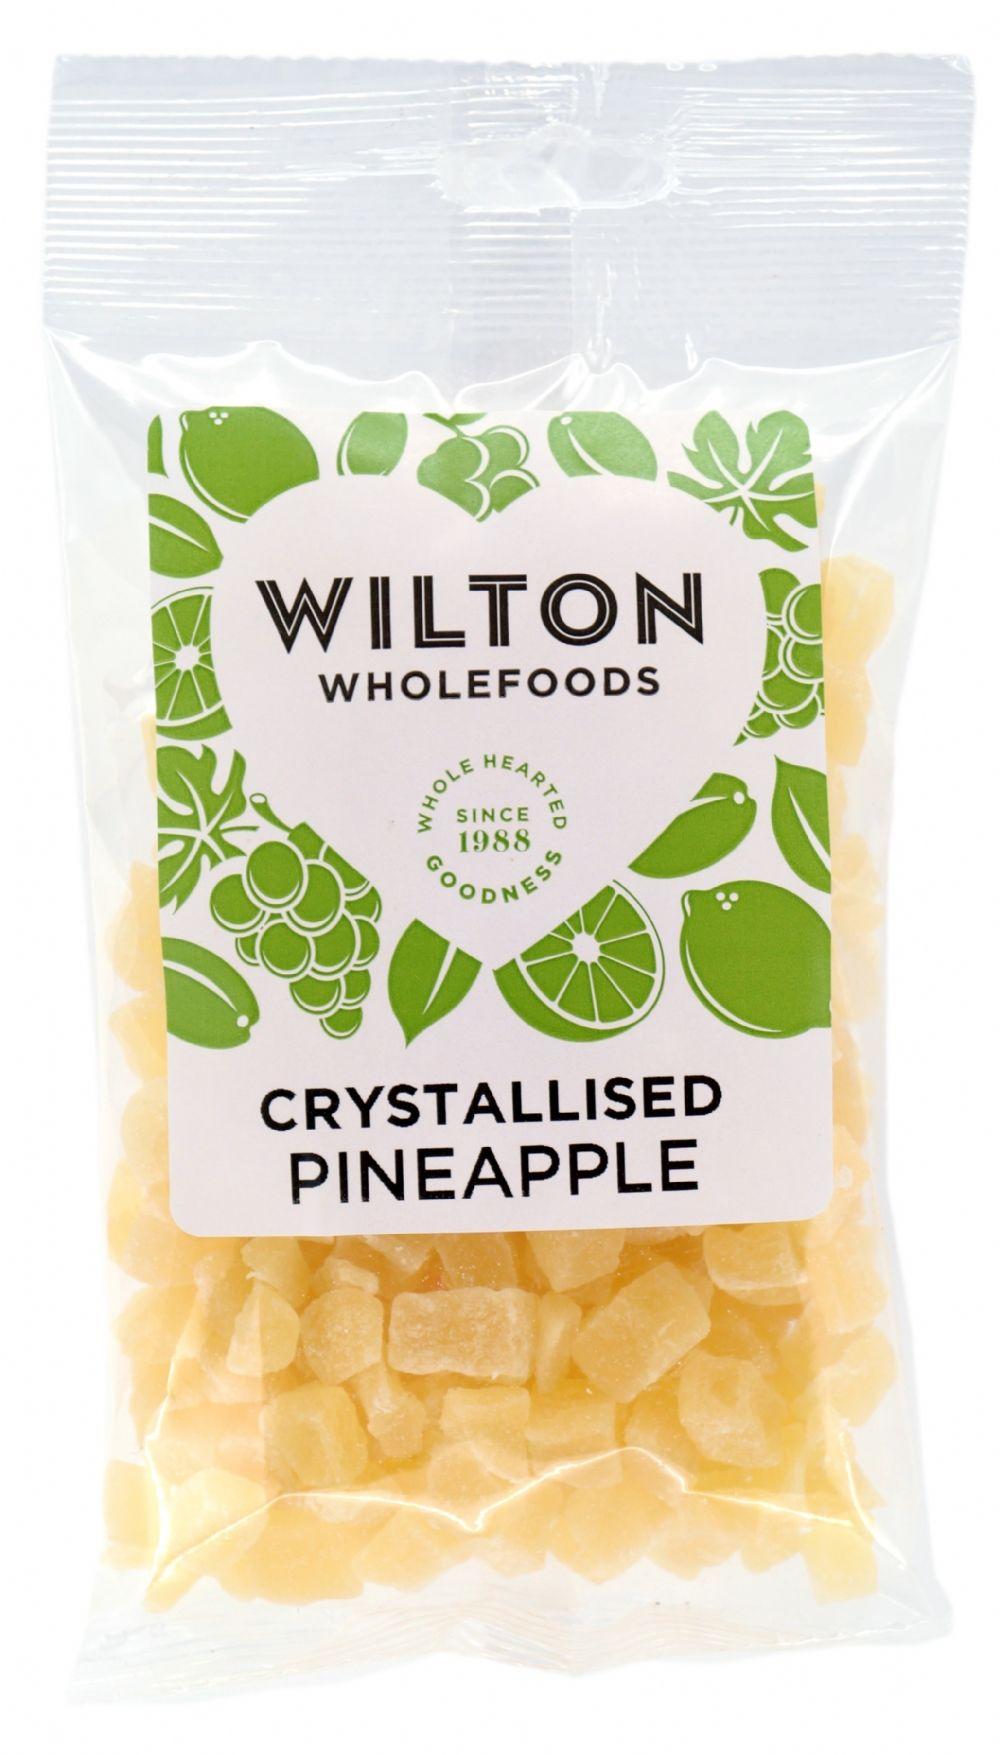 Wilton Crystallised Pineapple